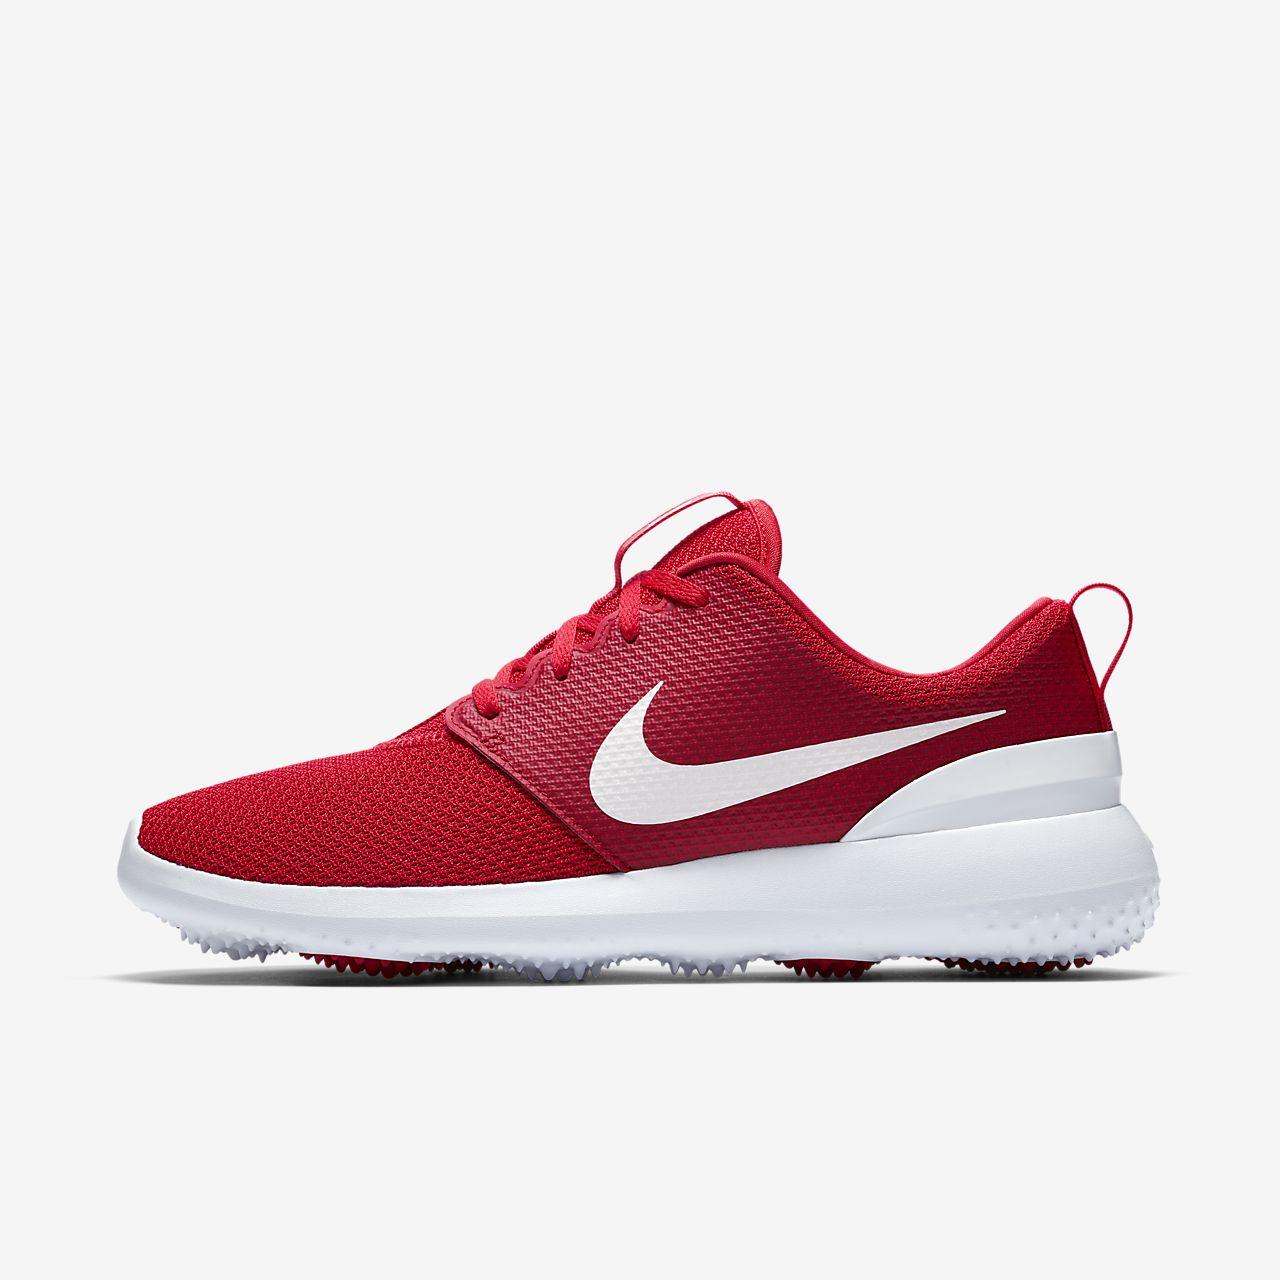 ... Nike Roshe G Men's Golf Shoe